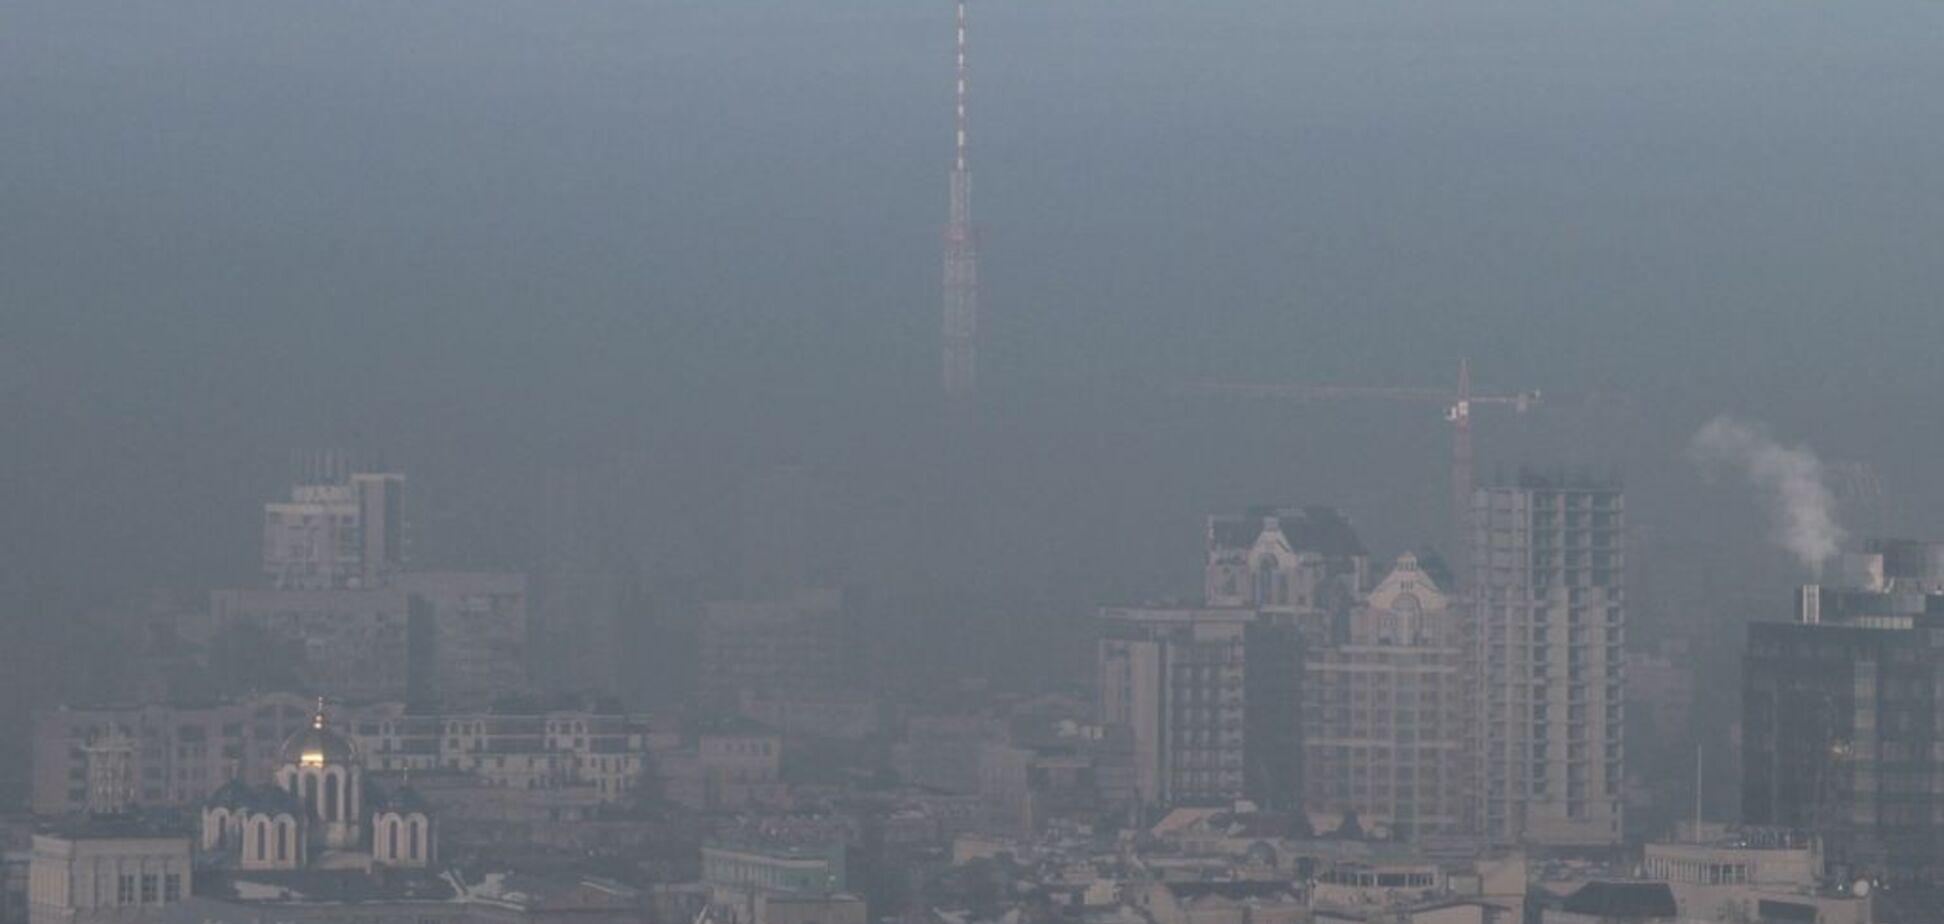 Київ накрило токсичним смогом: еколог озвучила небезпеку